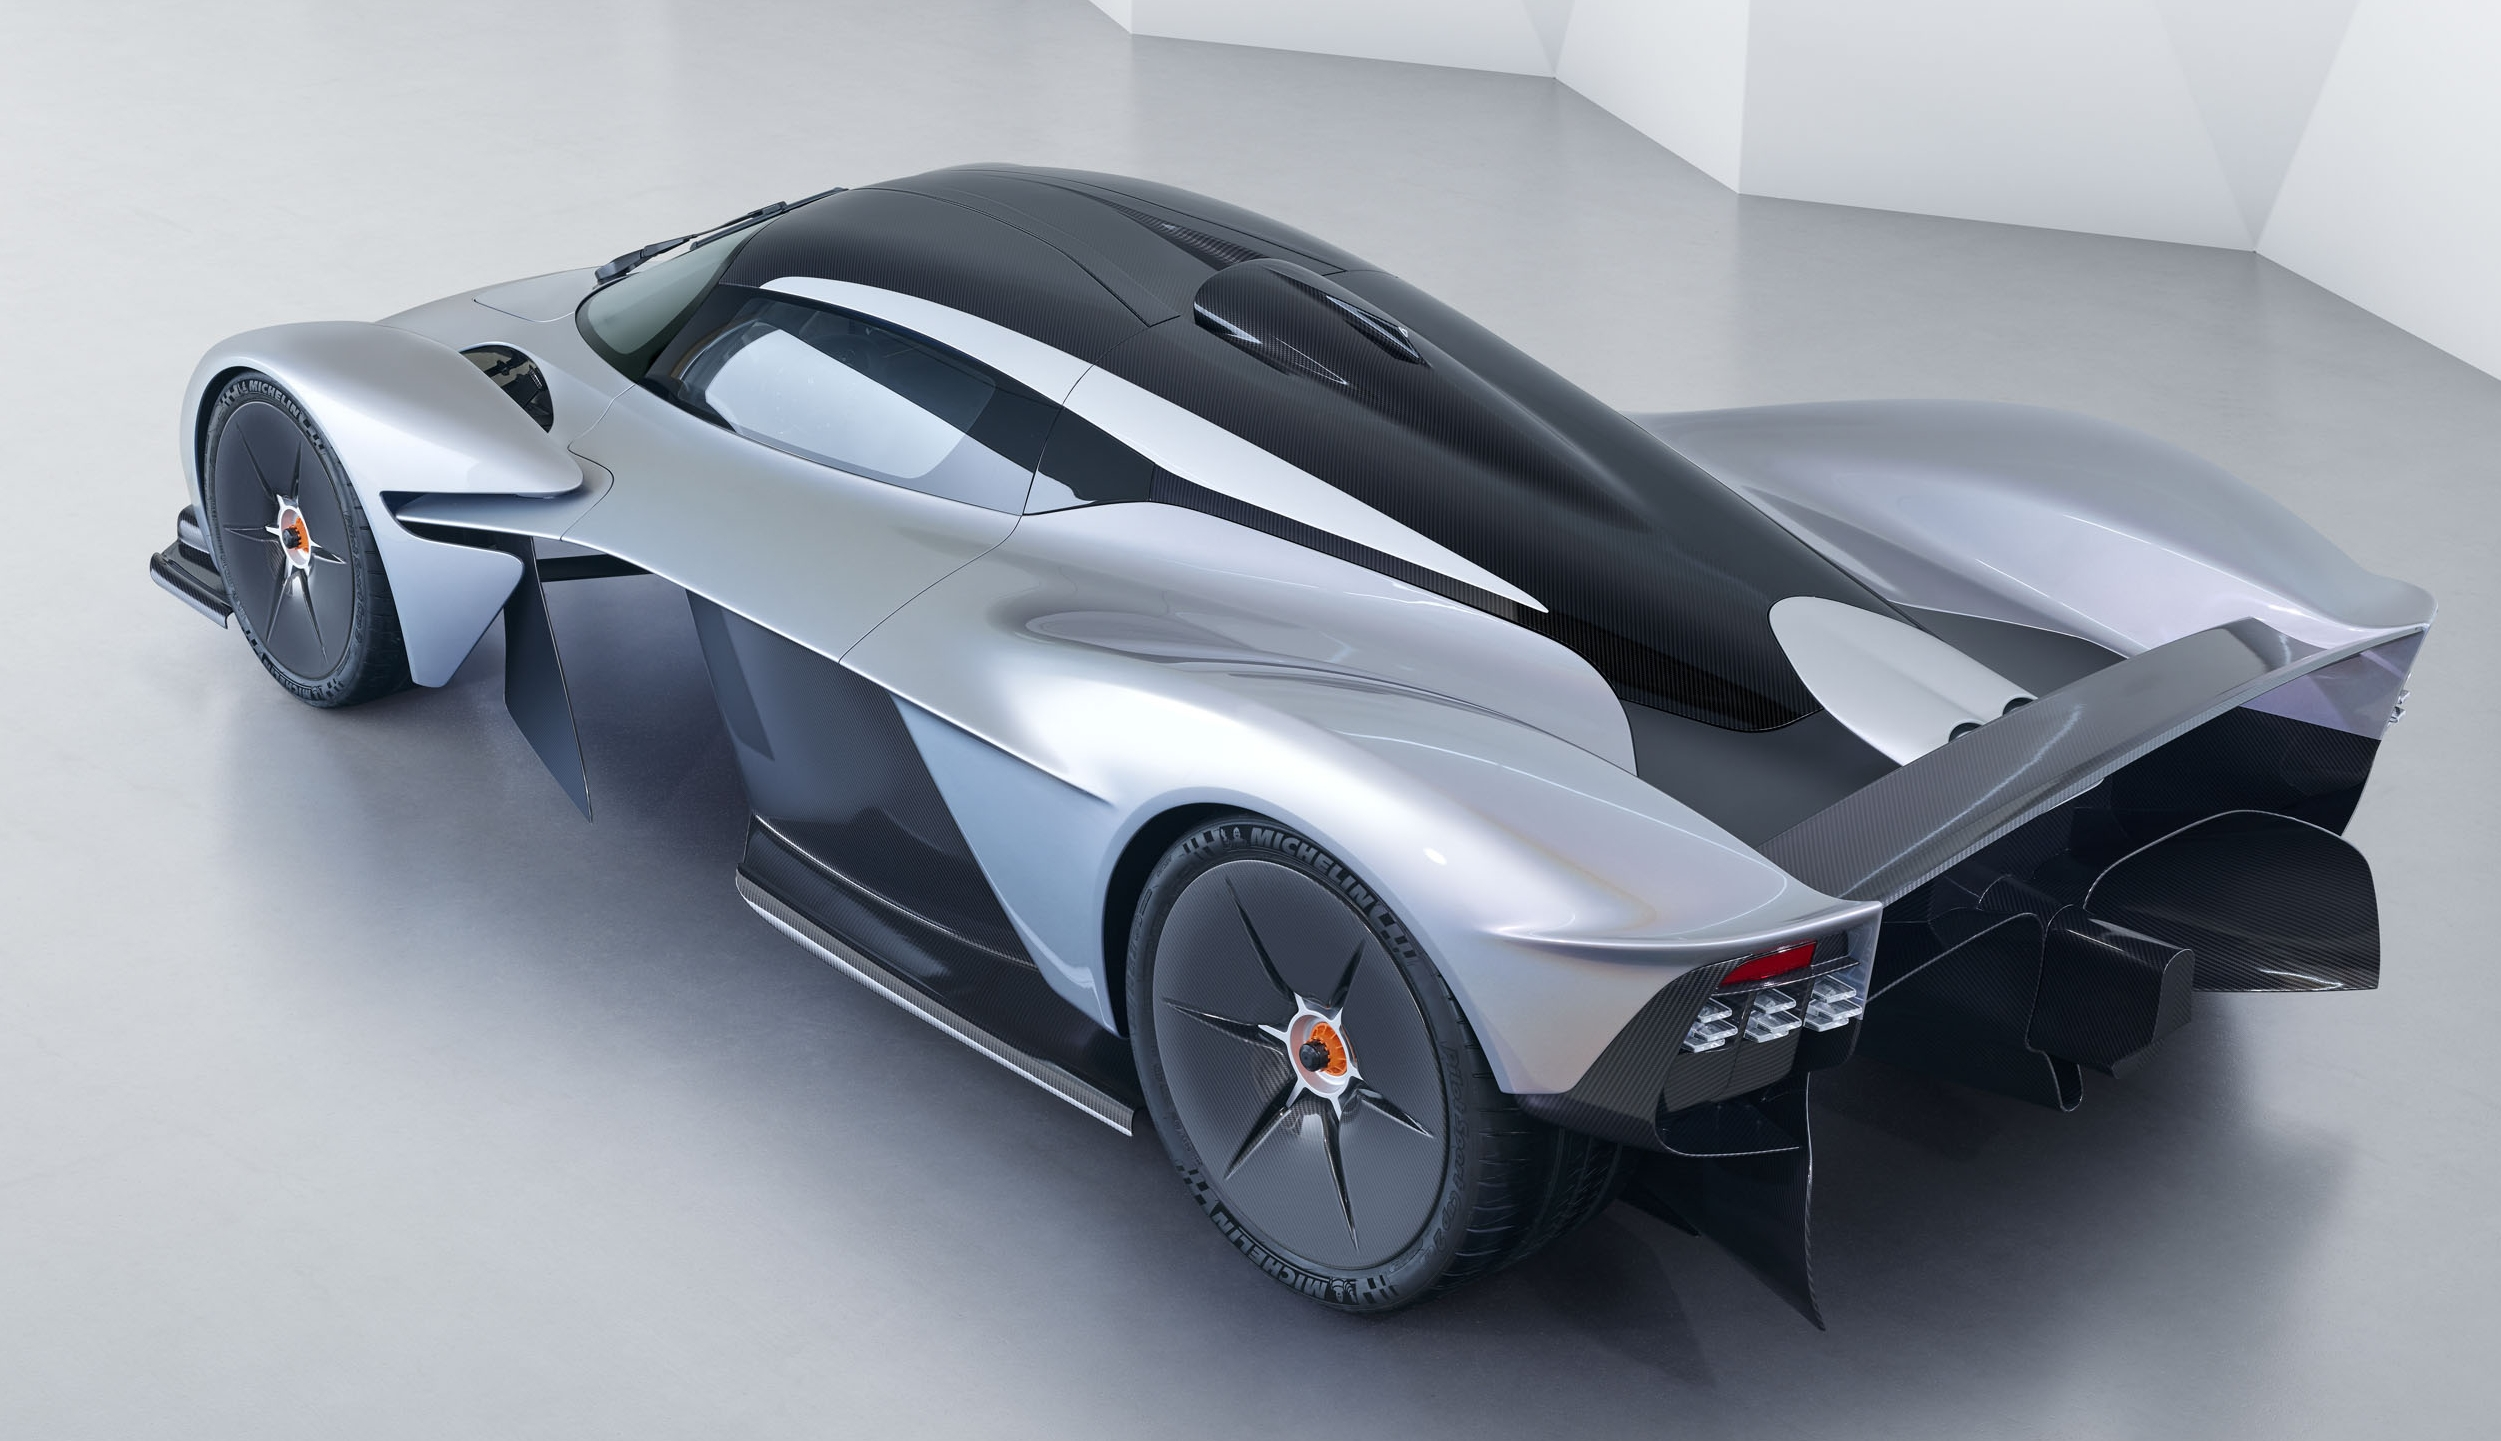 2018 Aston Martin Valkyrie Top Speed